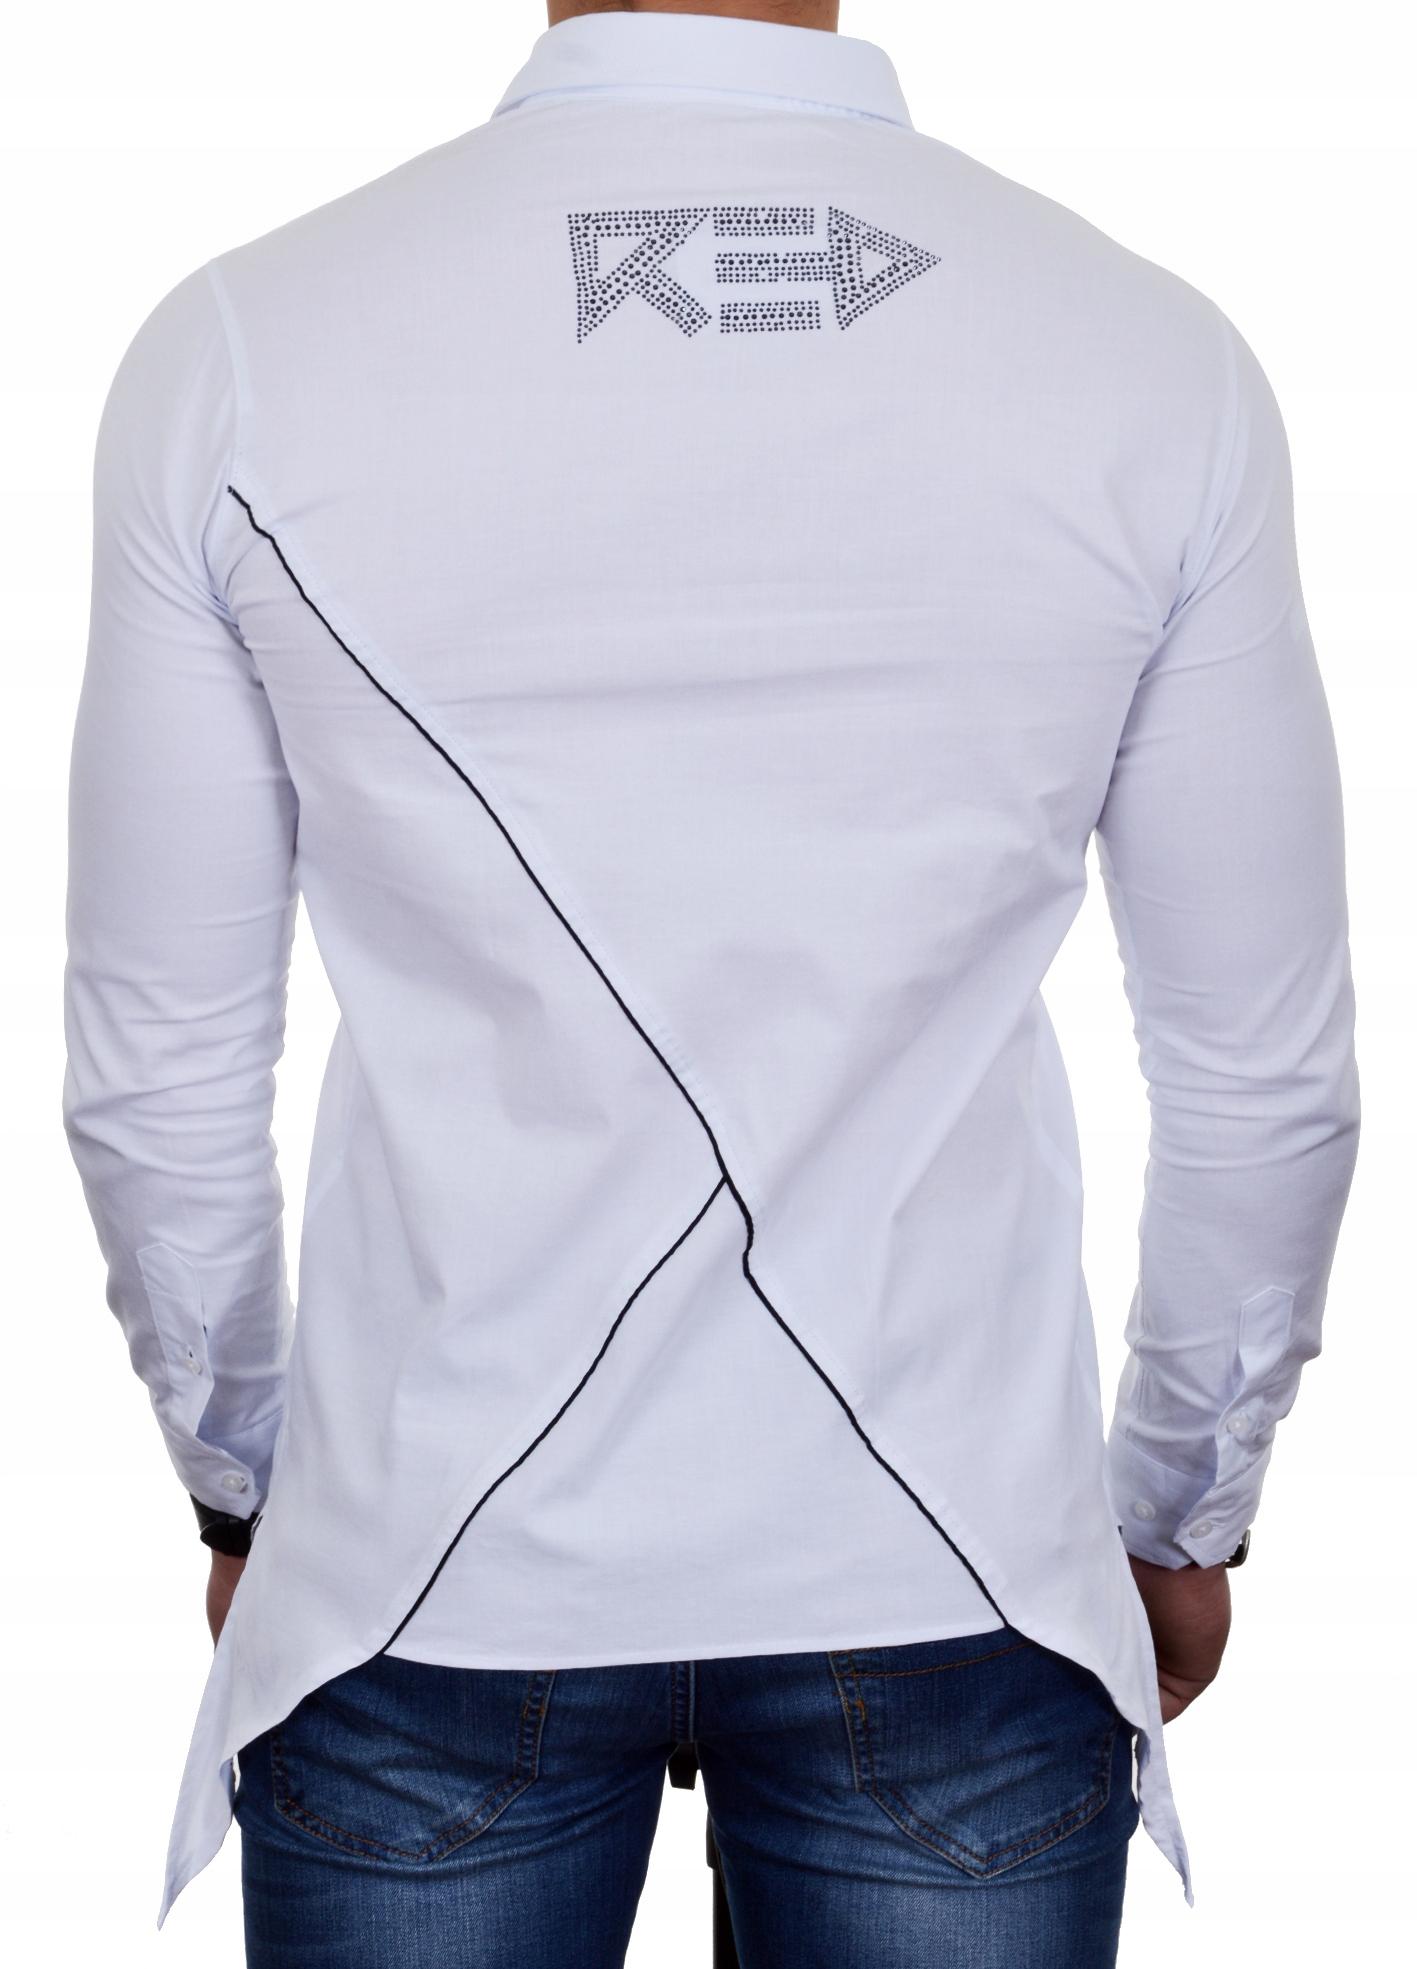 Koszula Męska Asymetryczna Casual Przedłużana NEW 7671090421